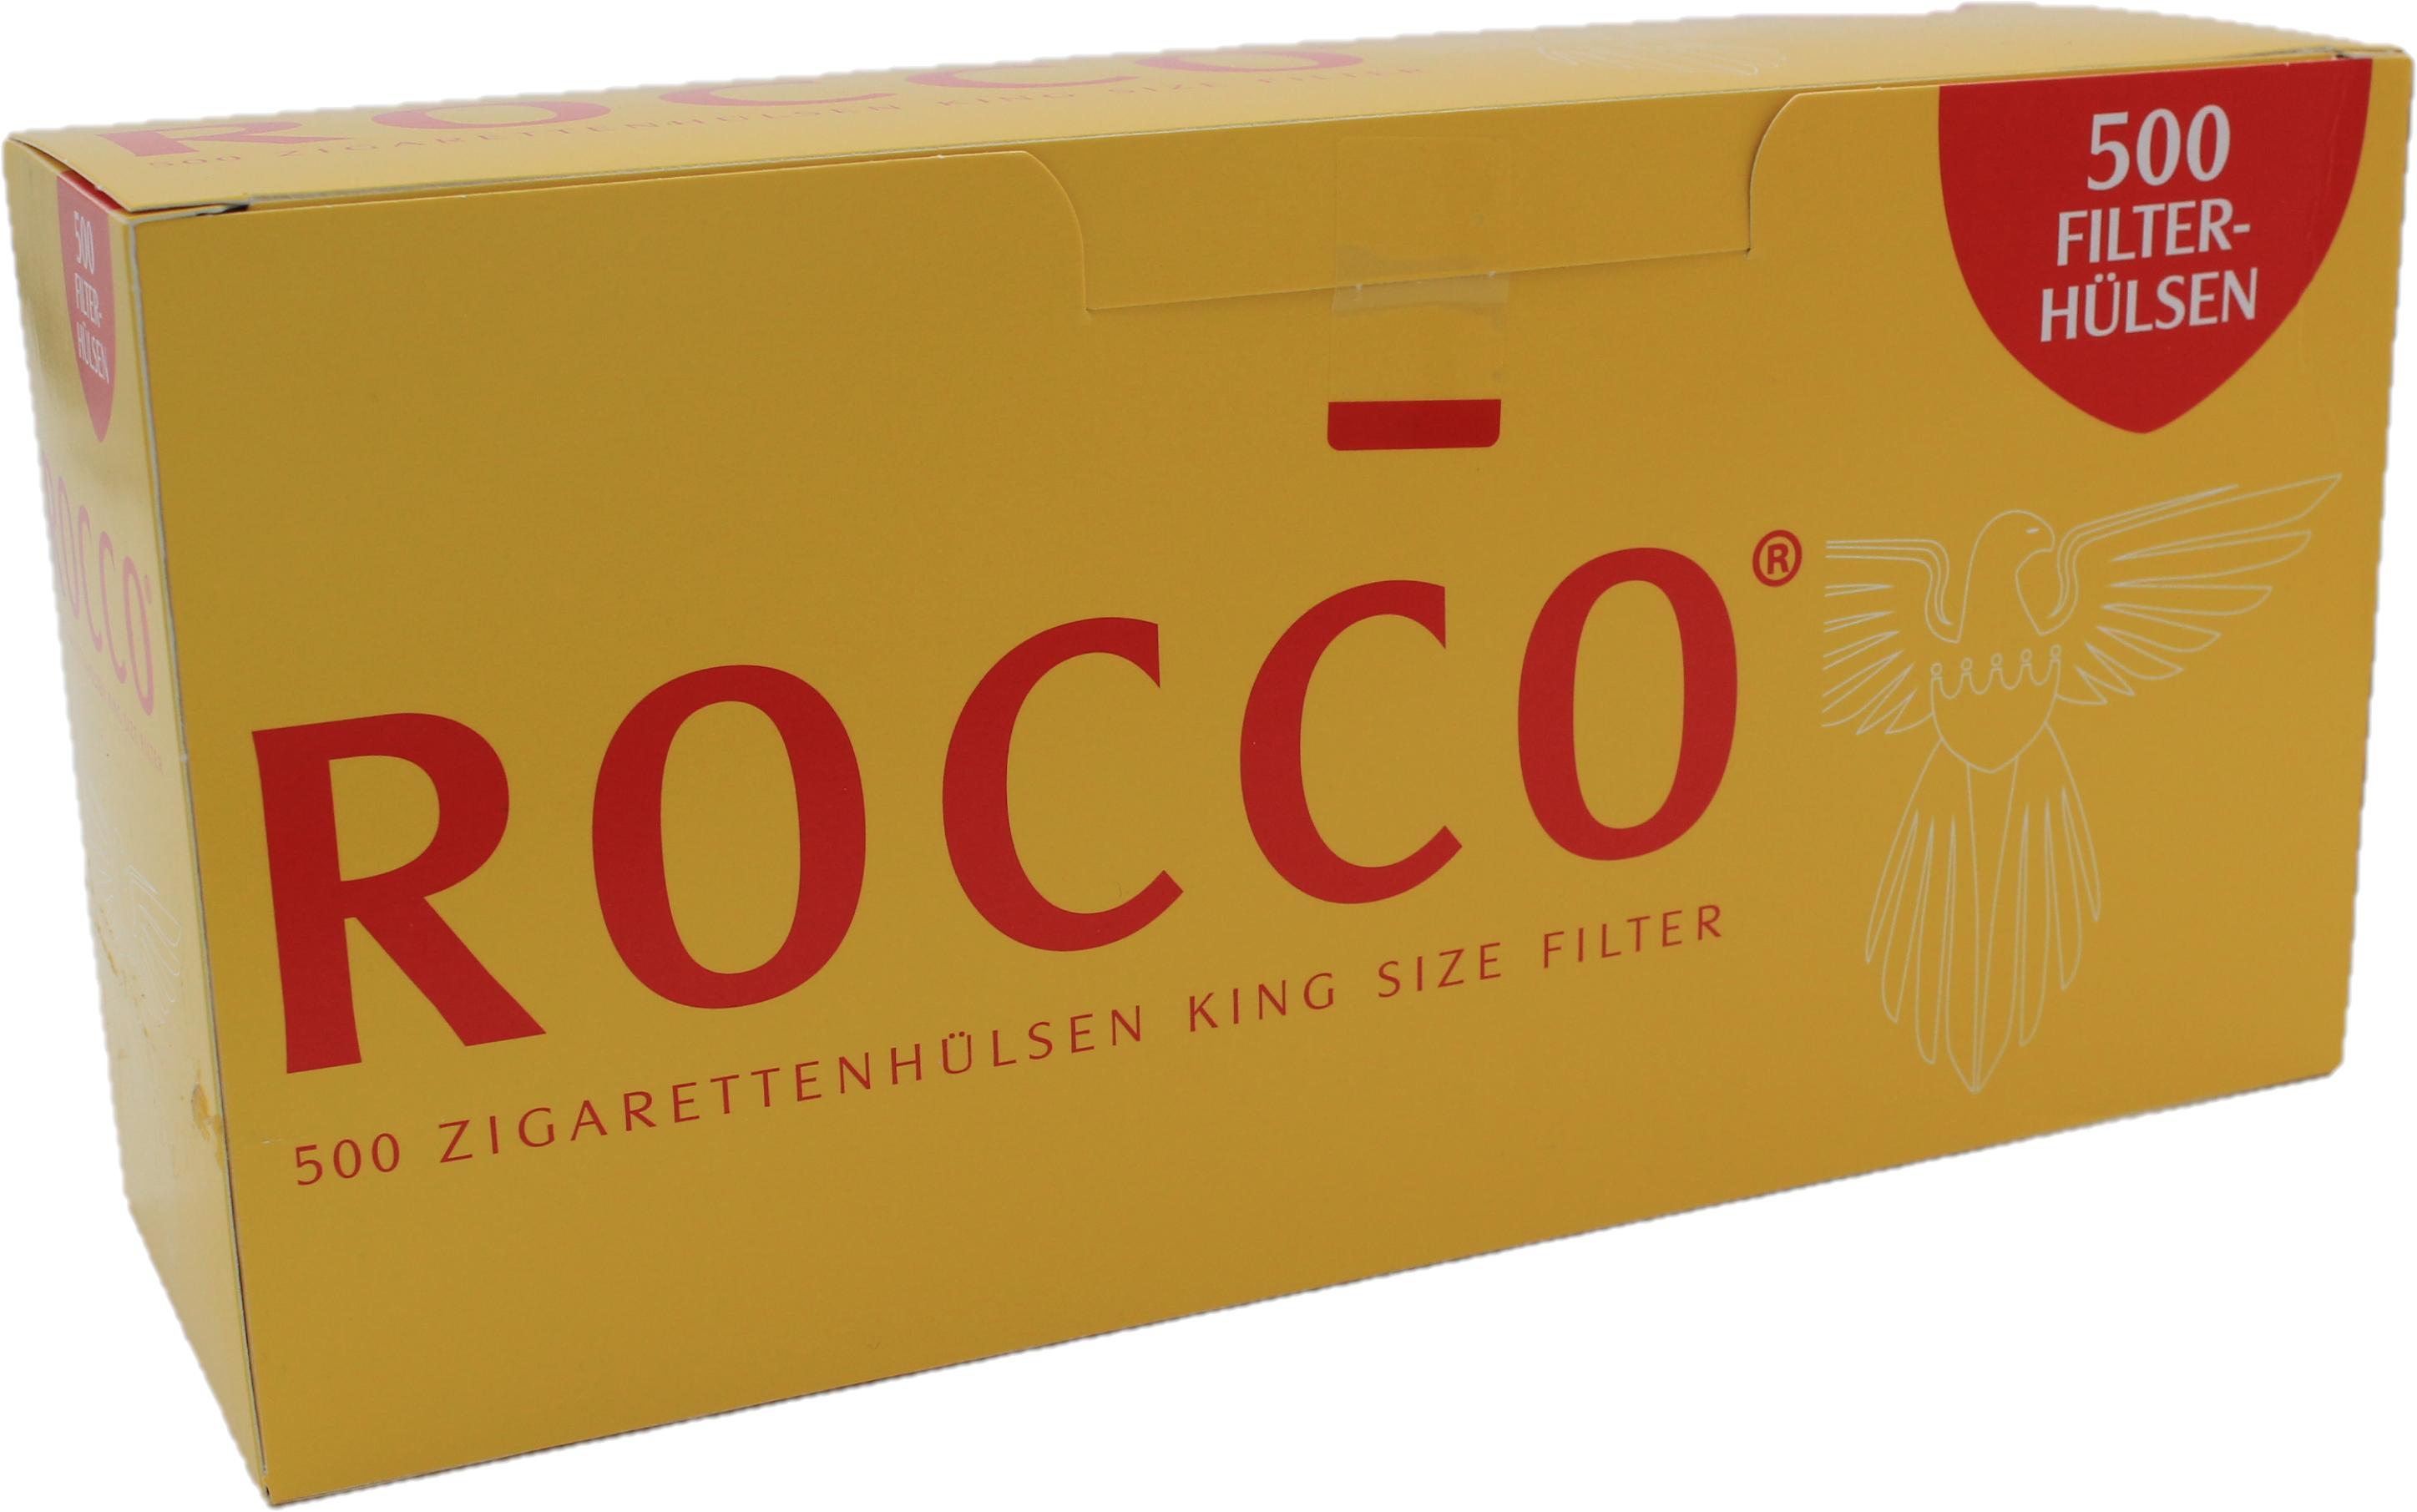 Rocco Zigarettenhülsen 500 Stück